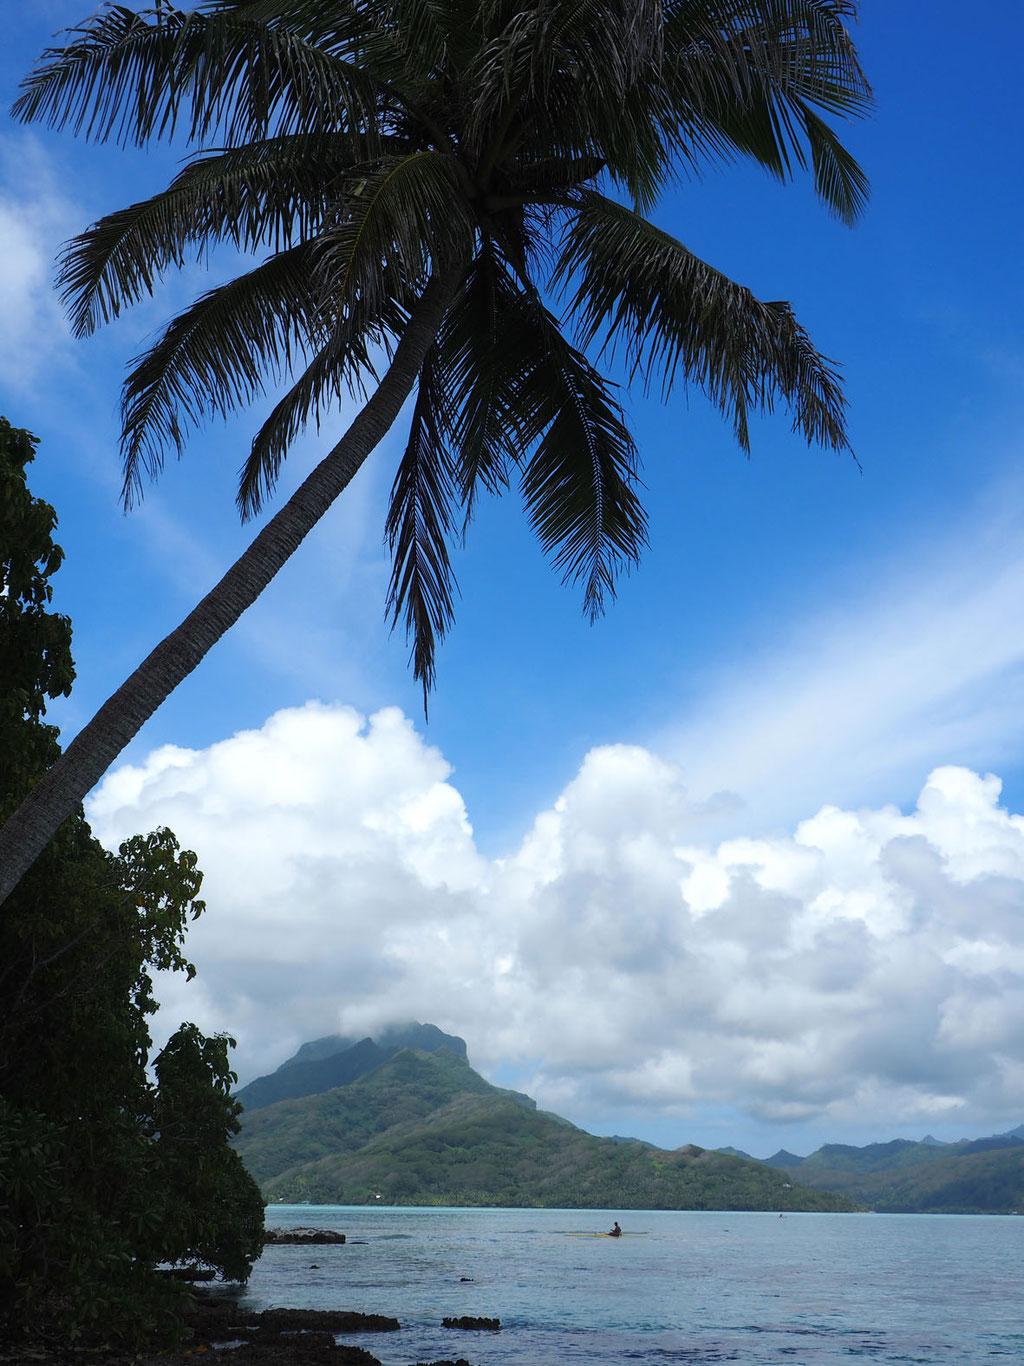 Französisch Polynesien: Blick von der kleinen Vogelinsel auf die heilige Insel Raiatea